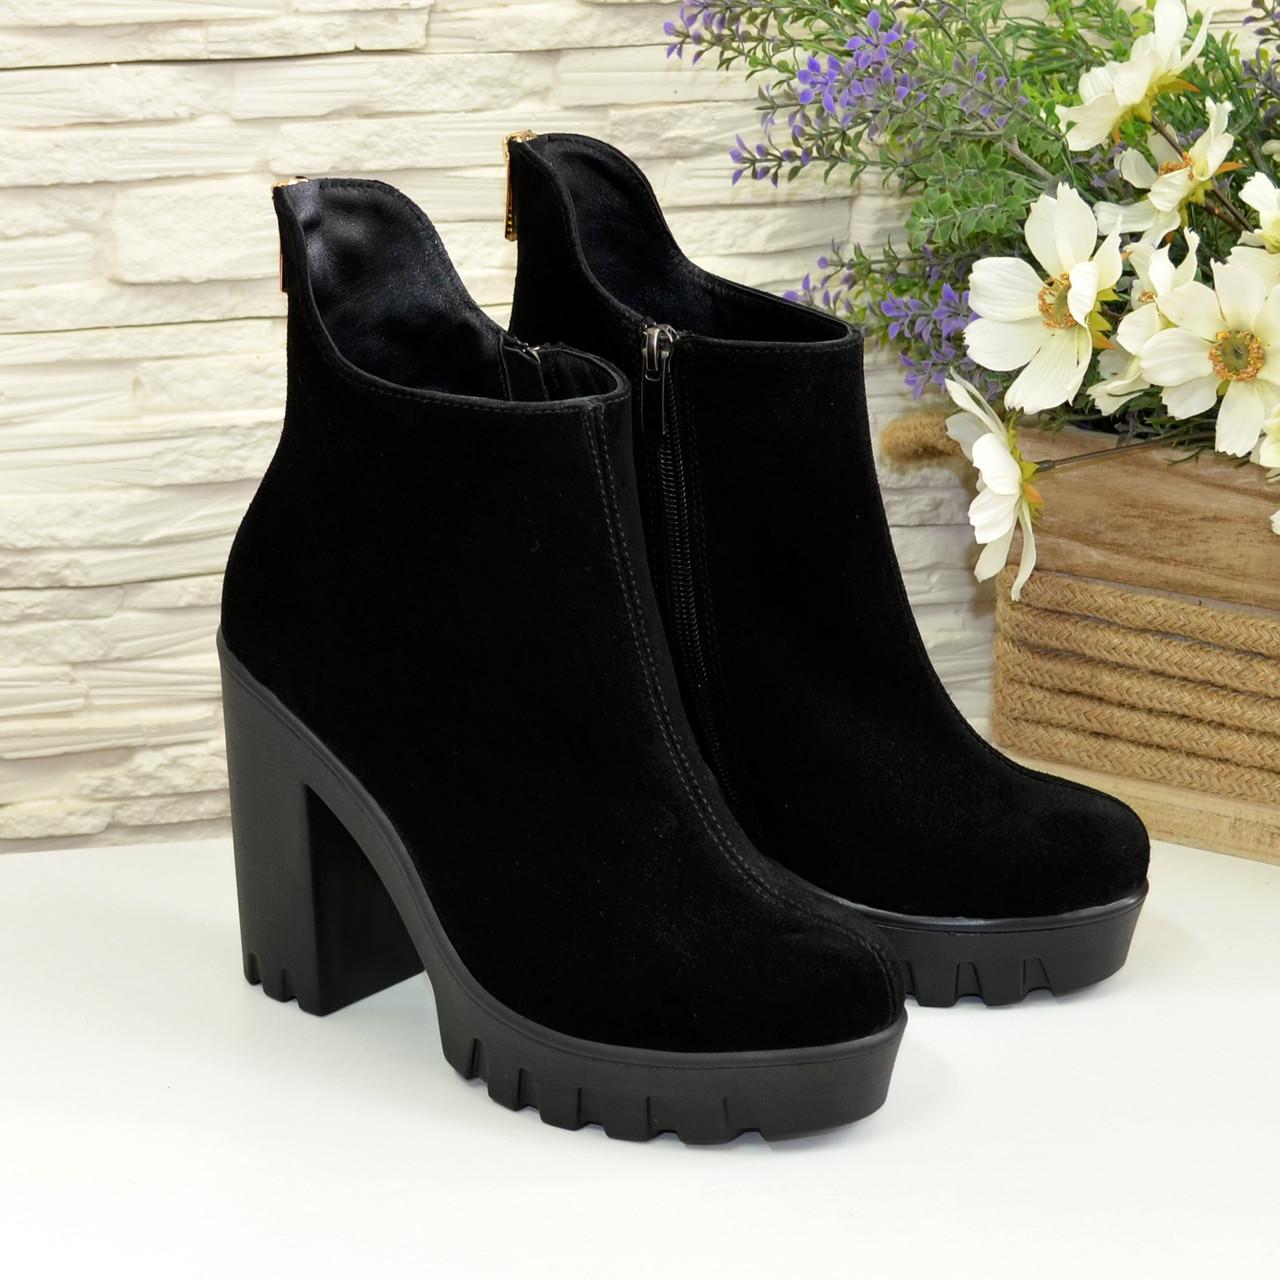 3fde546ddeb4 Ботинки замшевые женские на меху на высоком каблуке, декорированы молнией:  ...